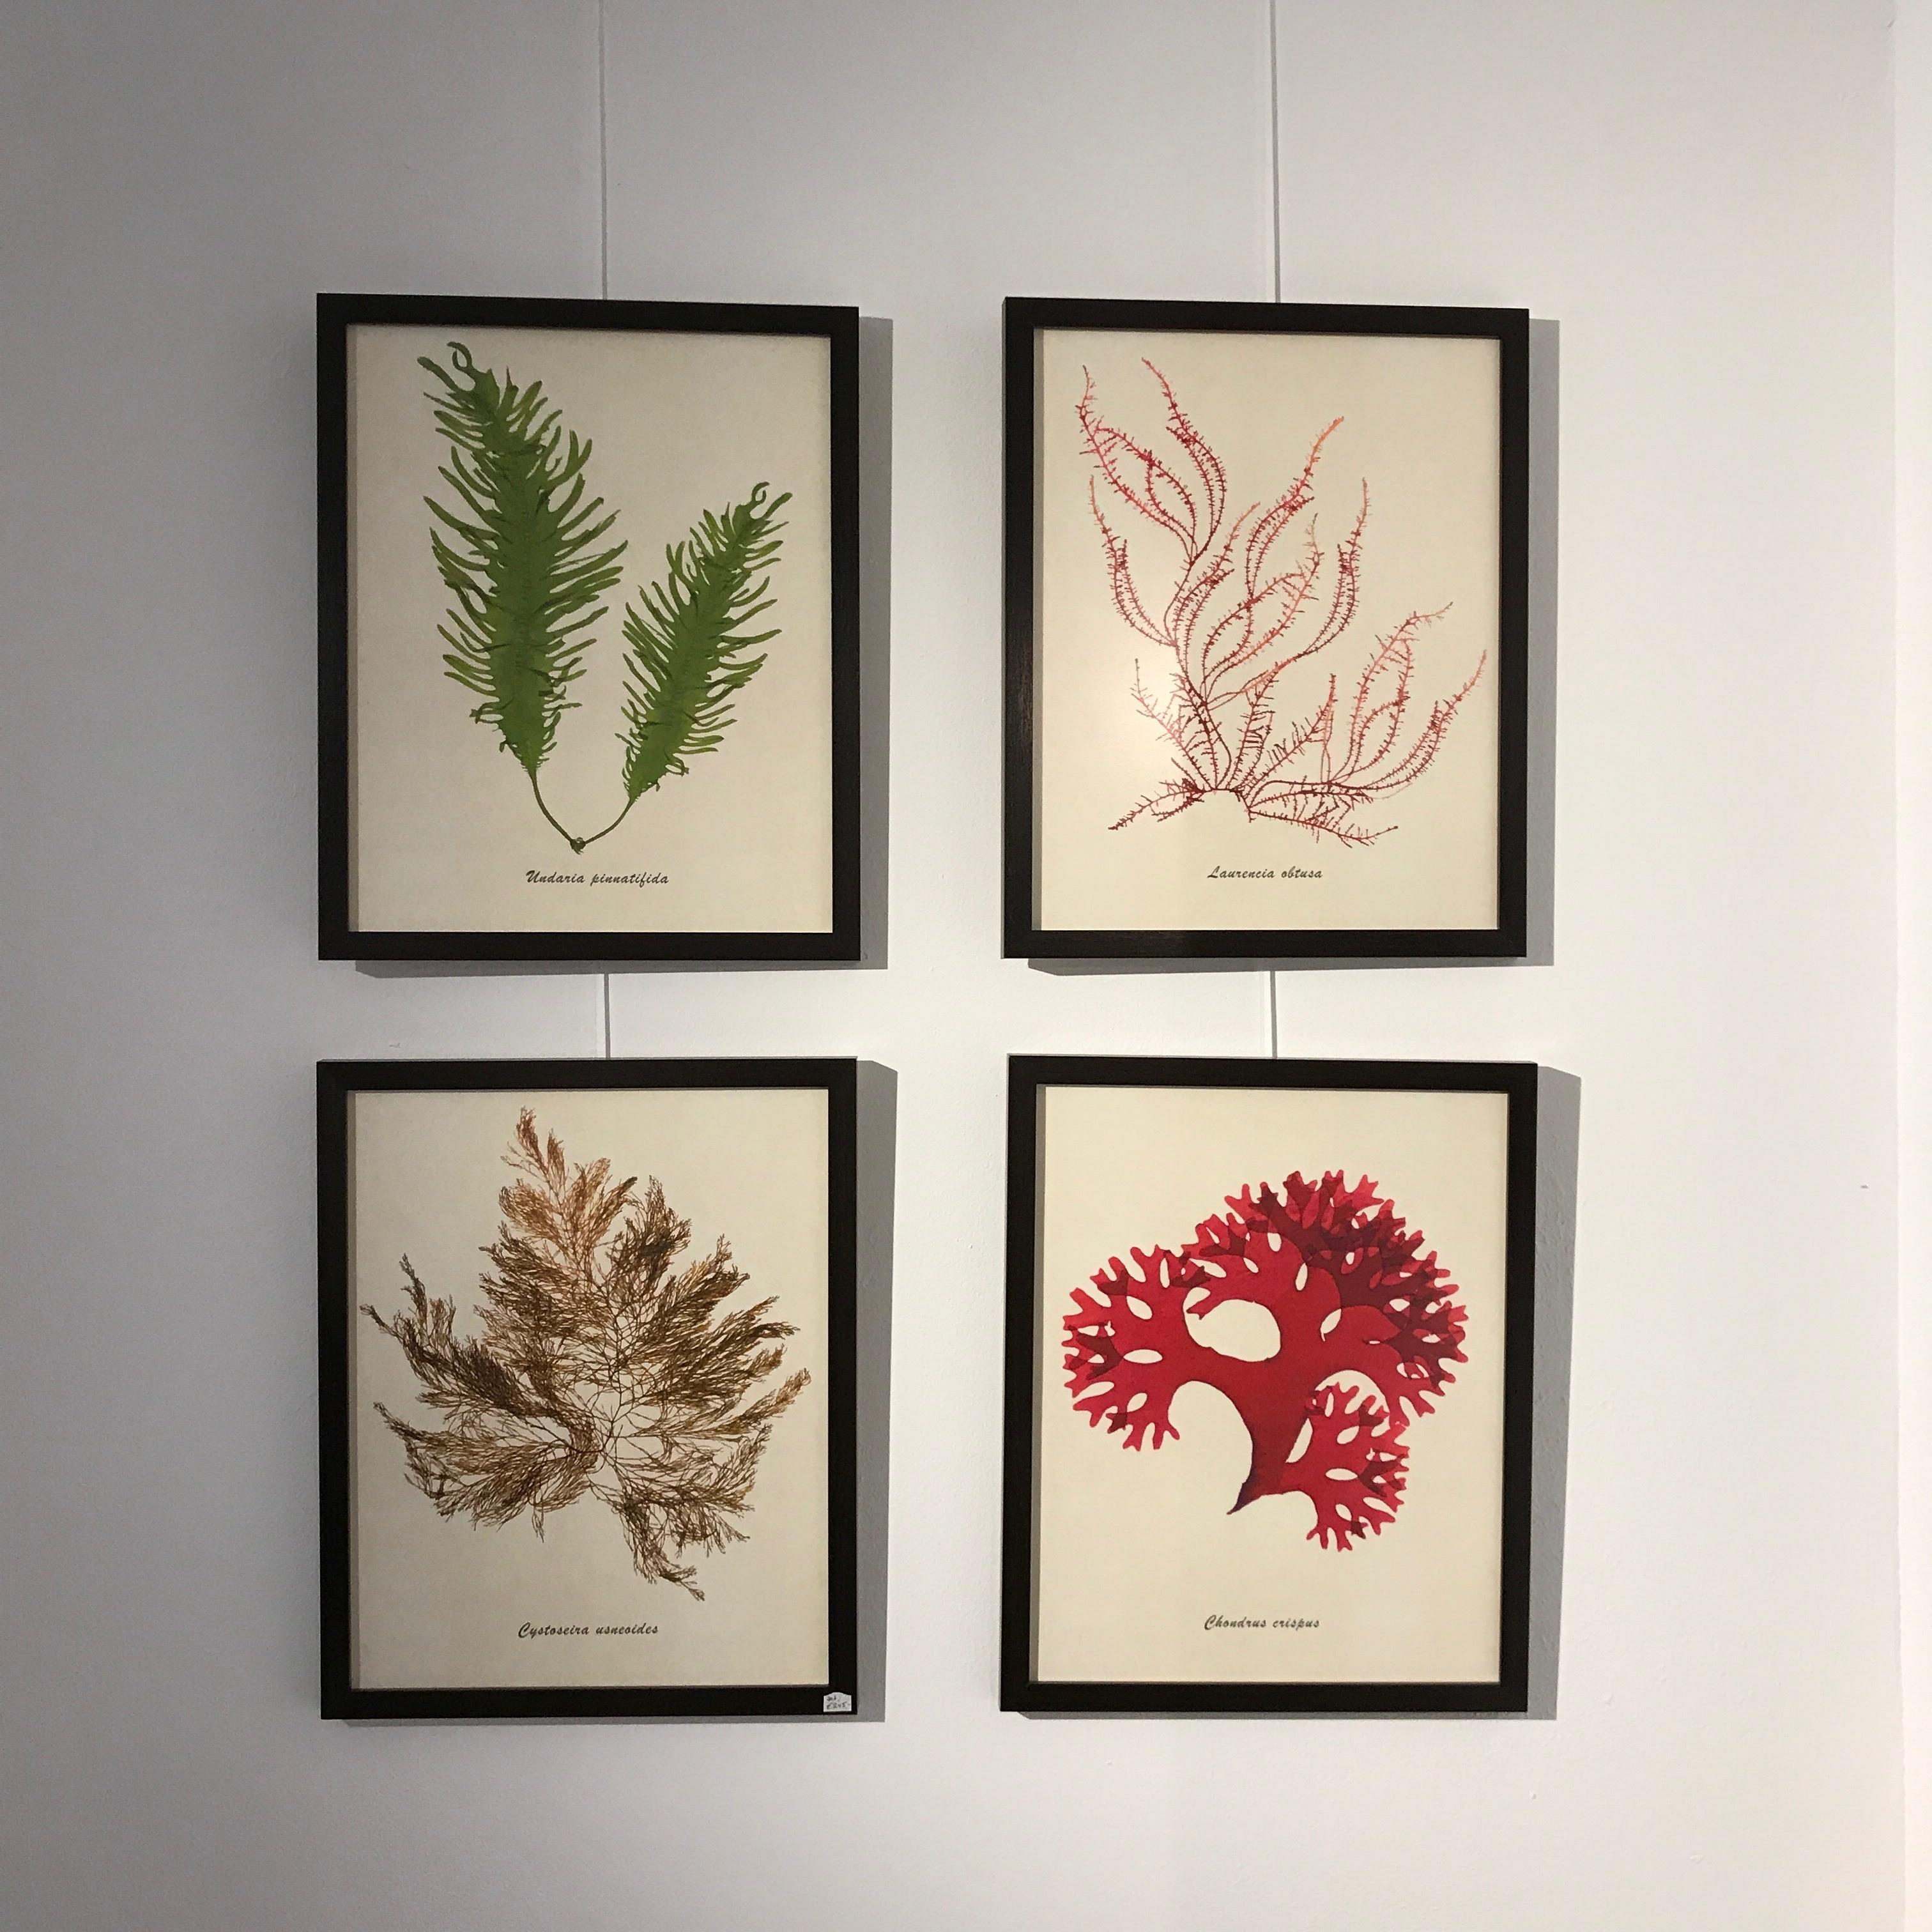 Seaweed herbarium